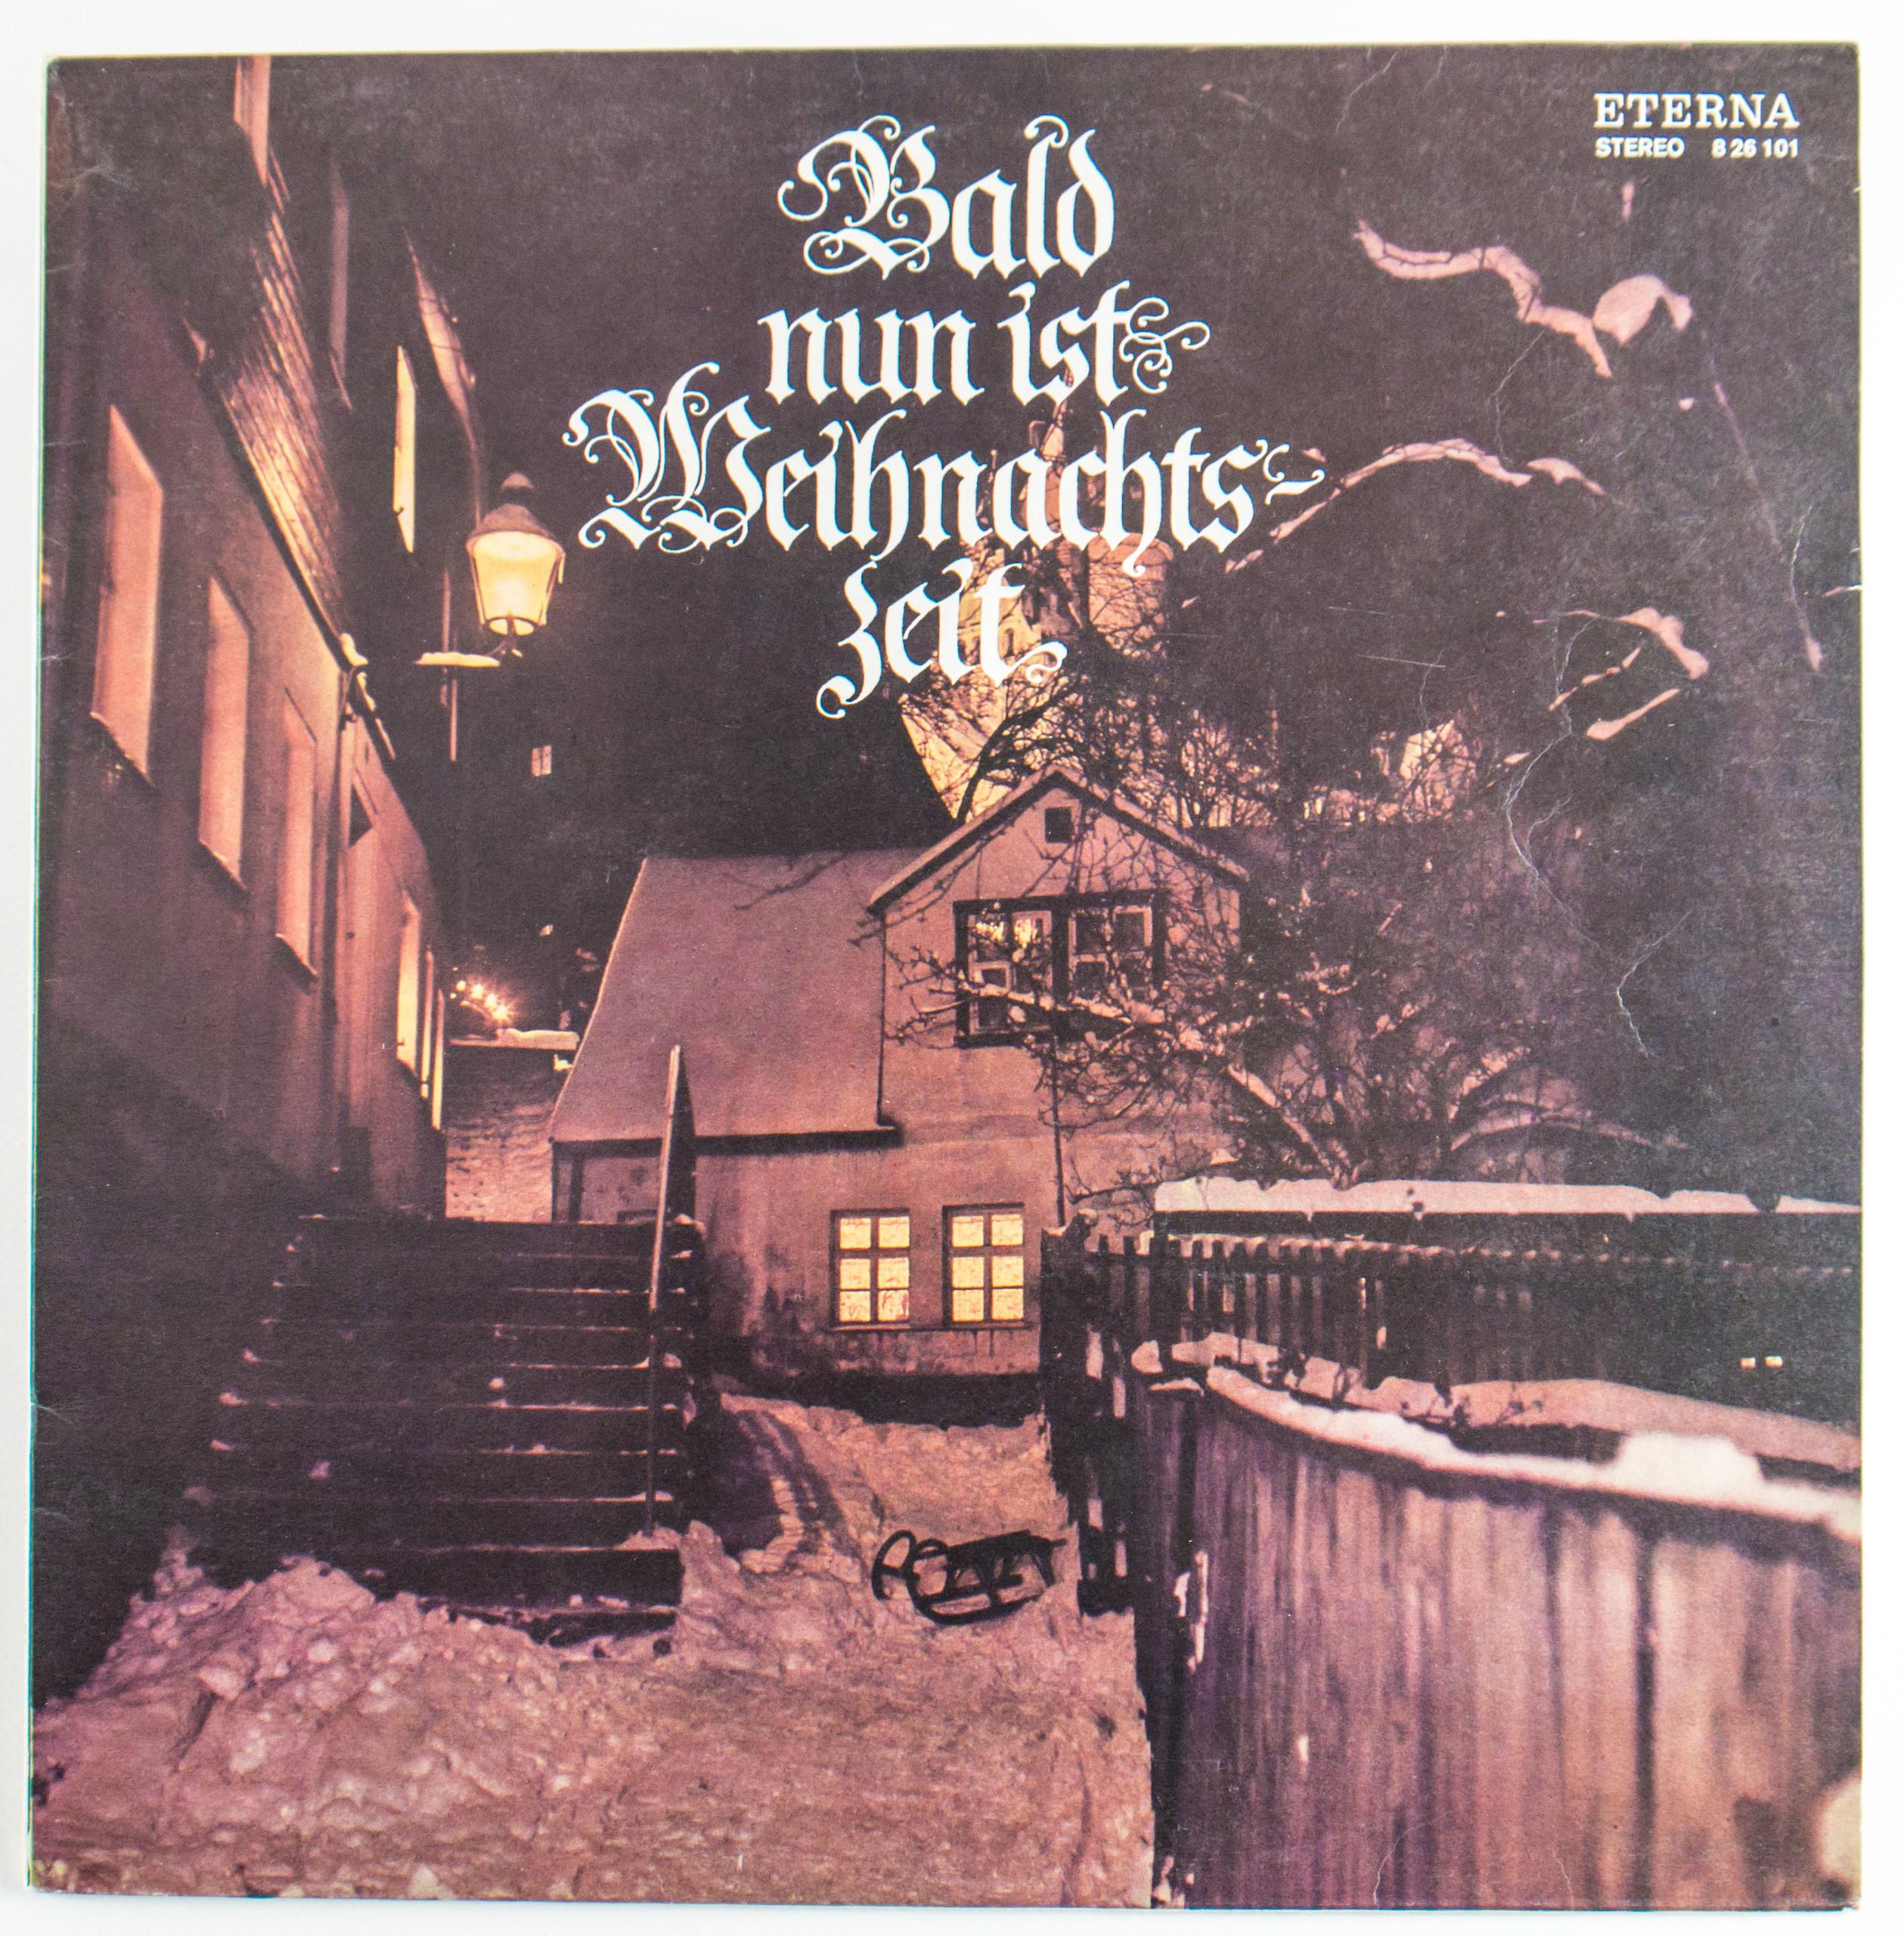 Ddr Weihnachtslieder Texte.Schallplatte Bald Nun Ist Weihnachtszeit Ddr Museum Berlin